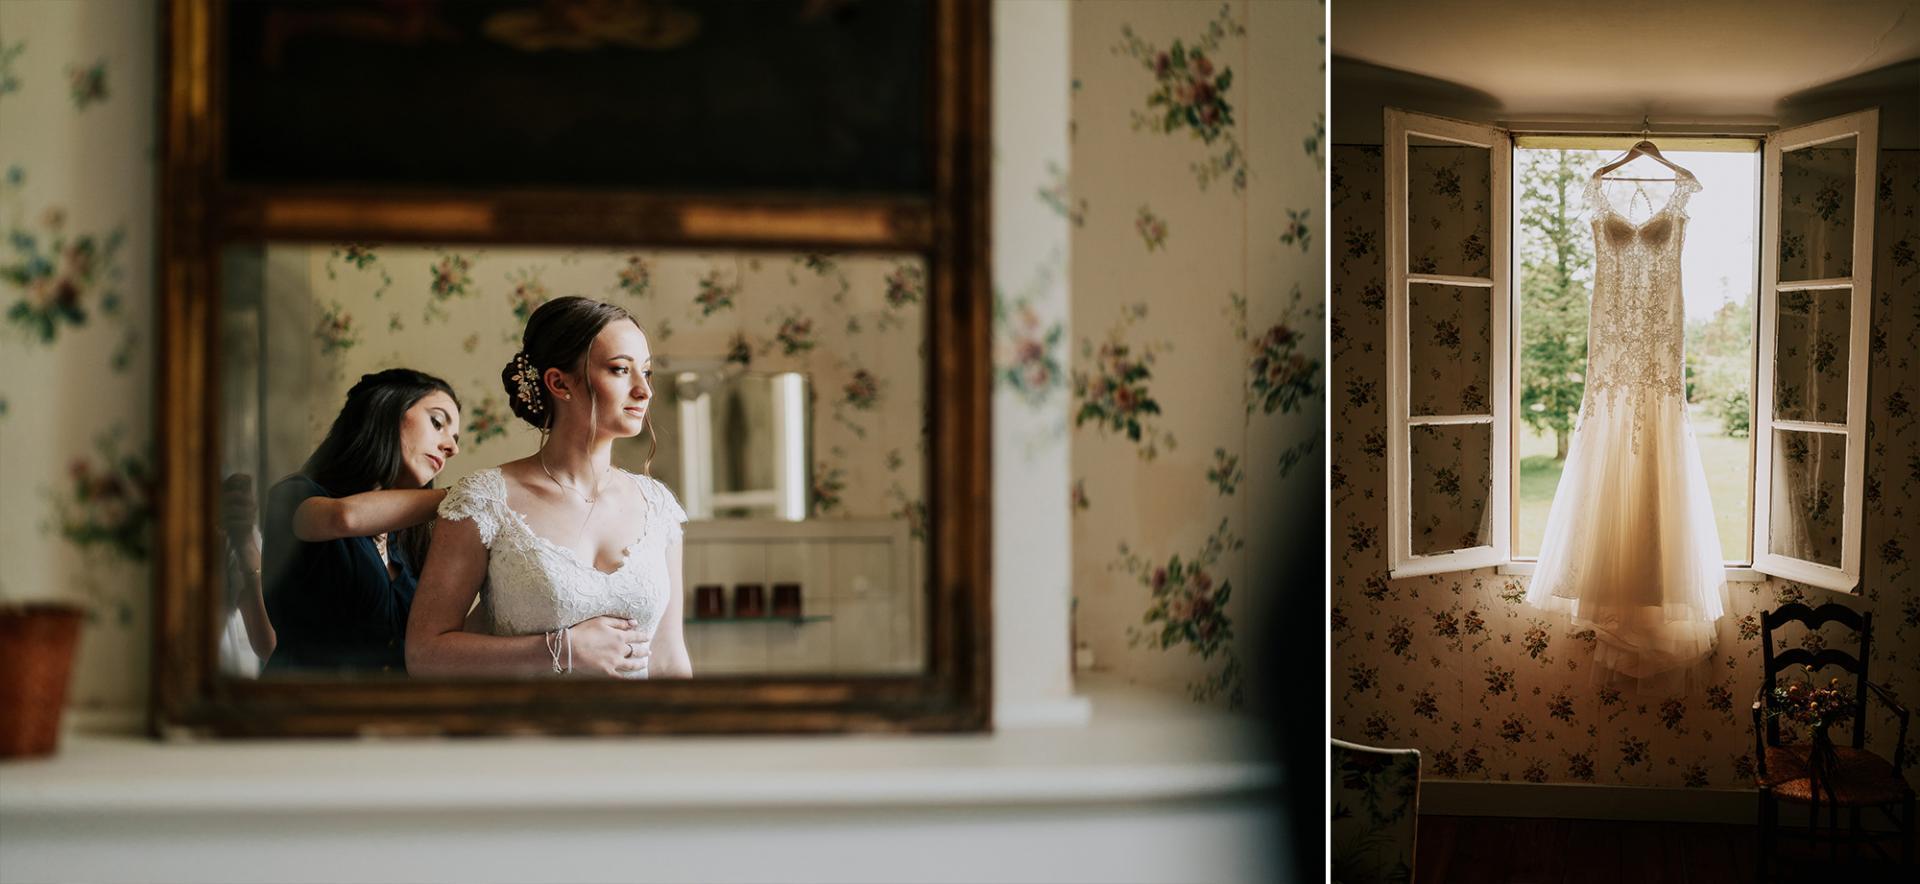 4 photographe landes dax mariage allison micallef reportage wedding